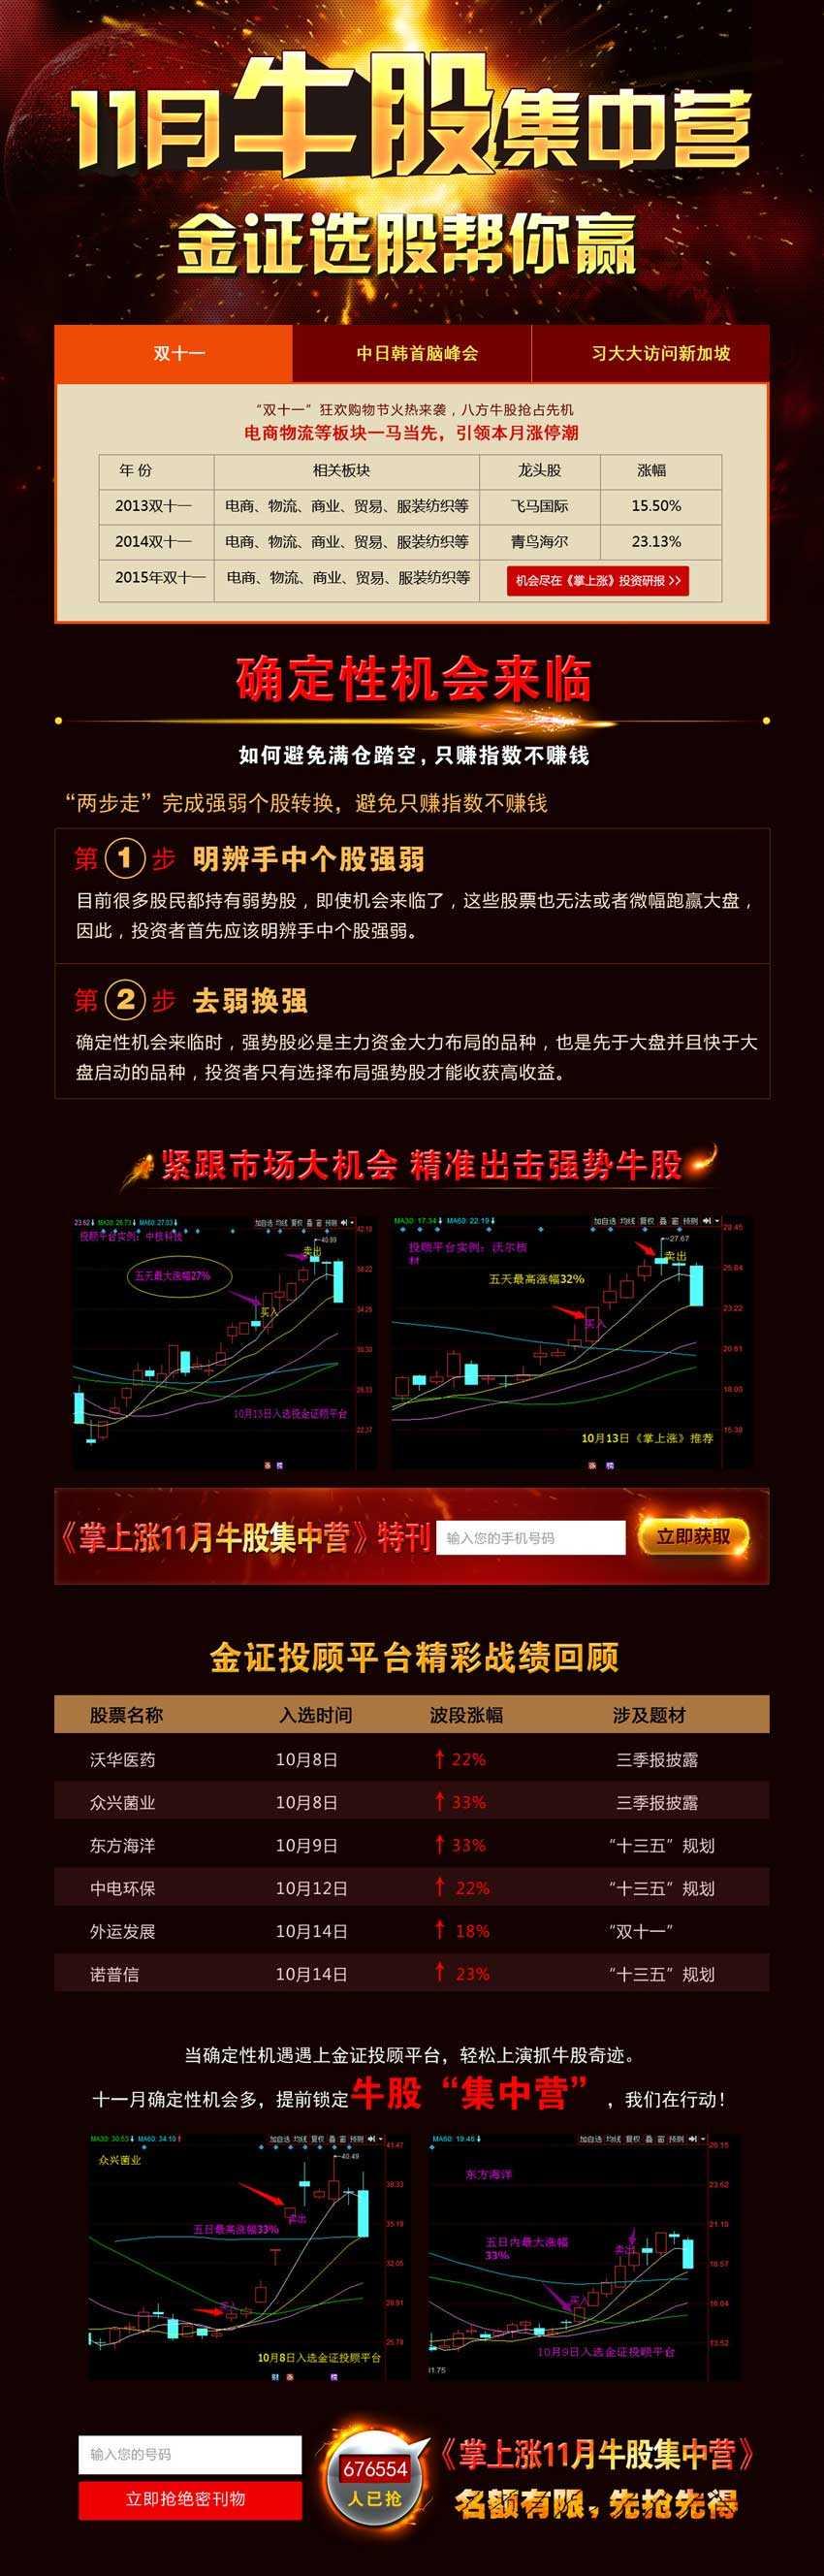 11月牛股集中营股票专题活动页面模板源码